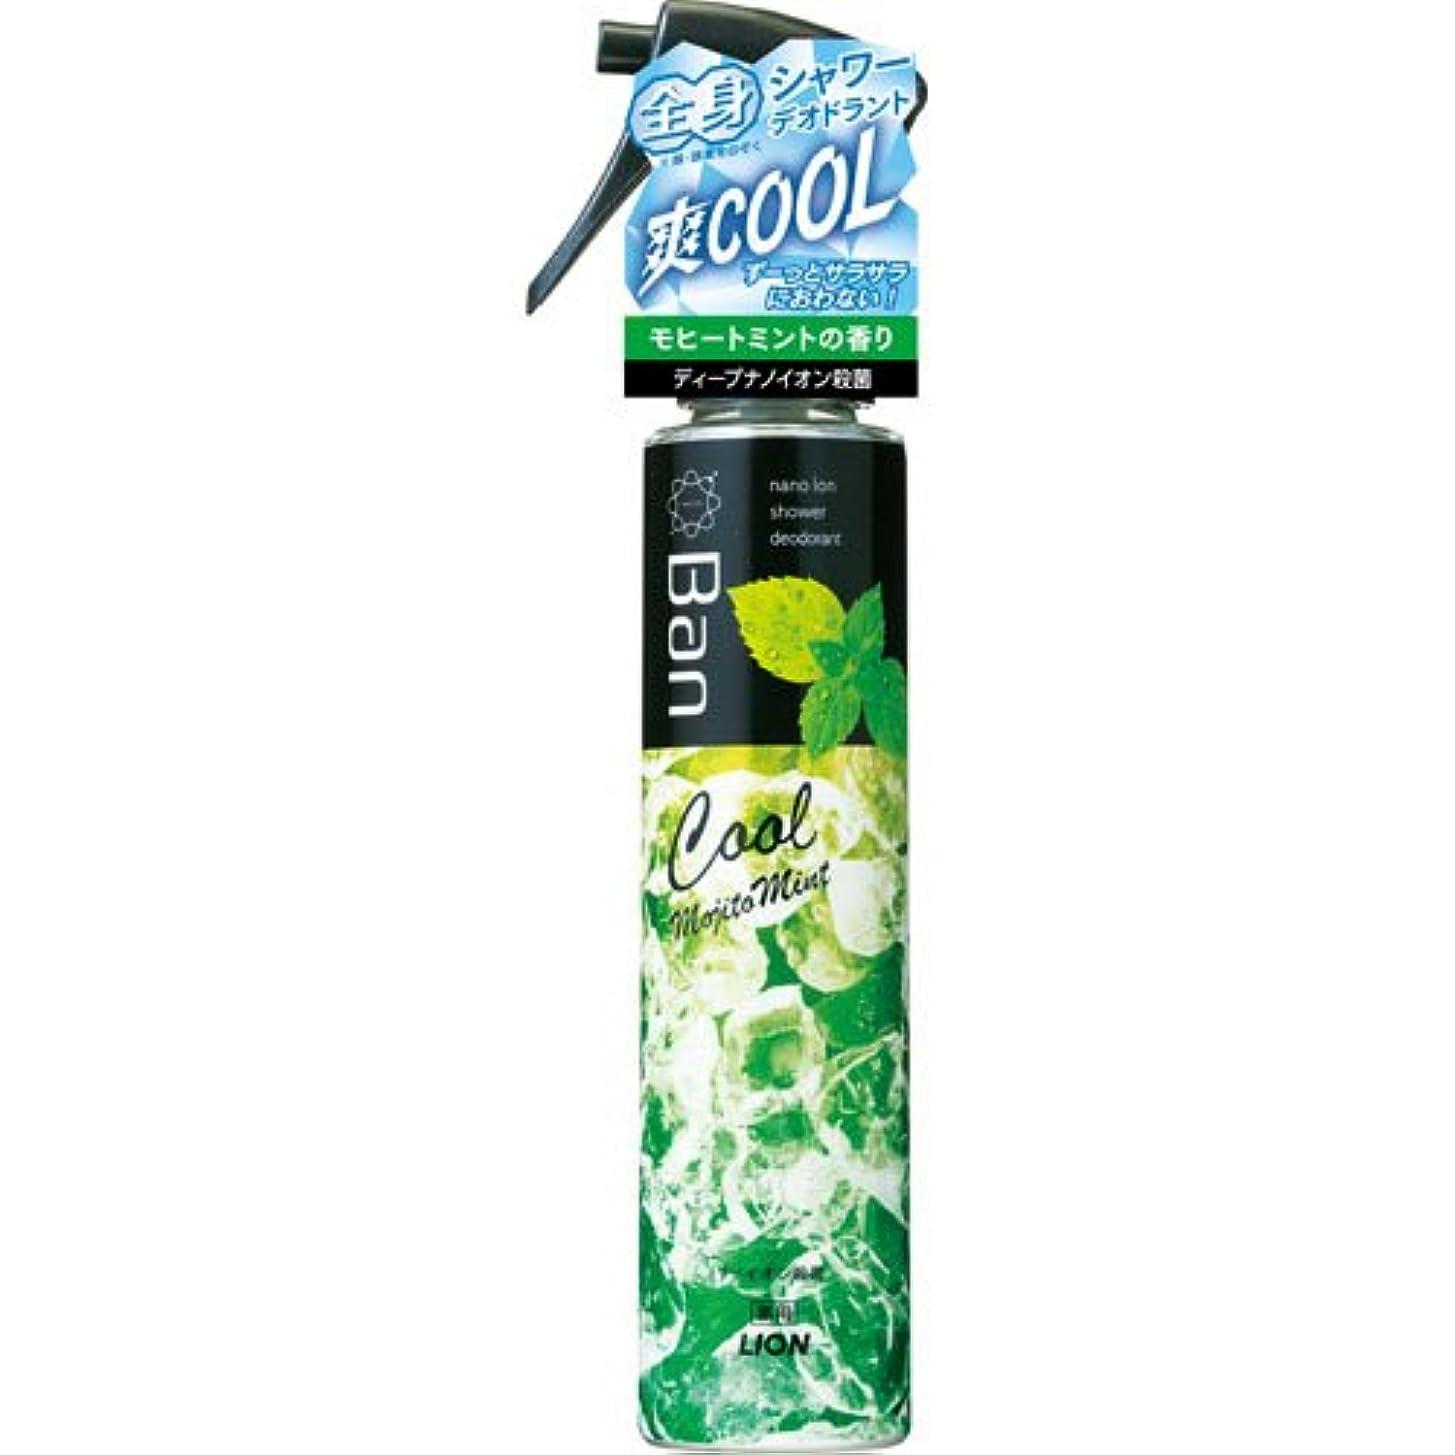 逆に支店メルボルンBan シャワーデオドラントクールタイプ モヒートミントの香り 120ml (医薬部外品)